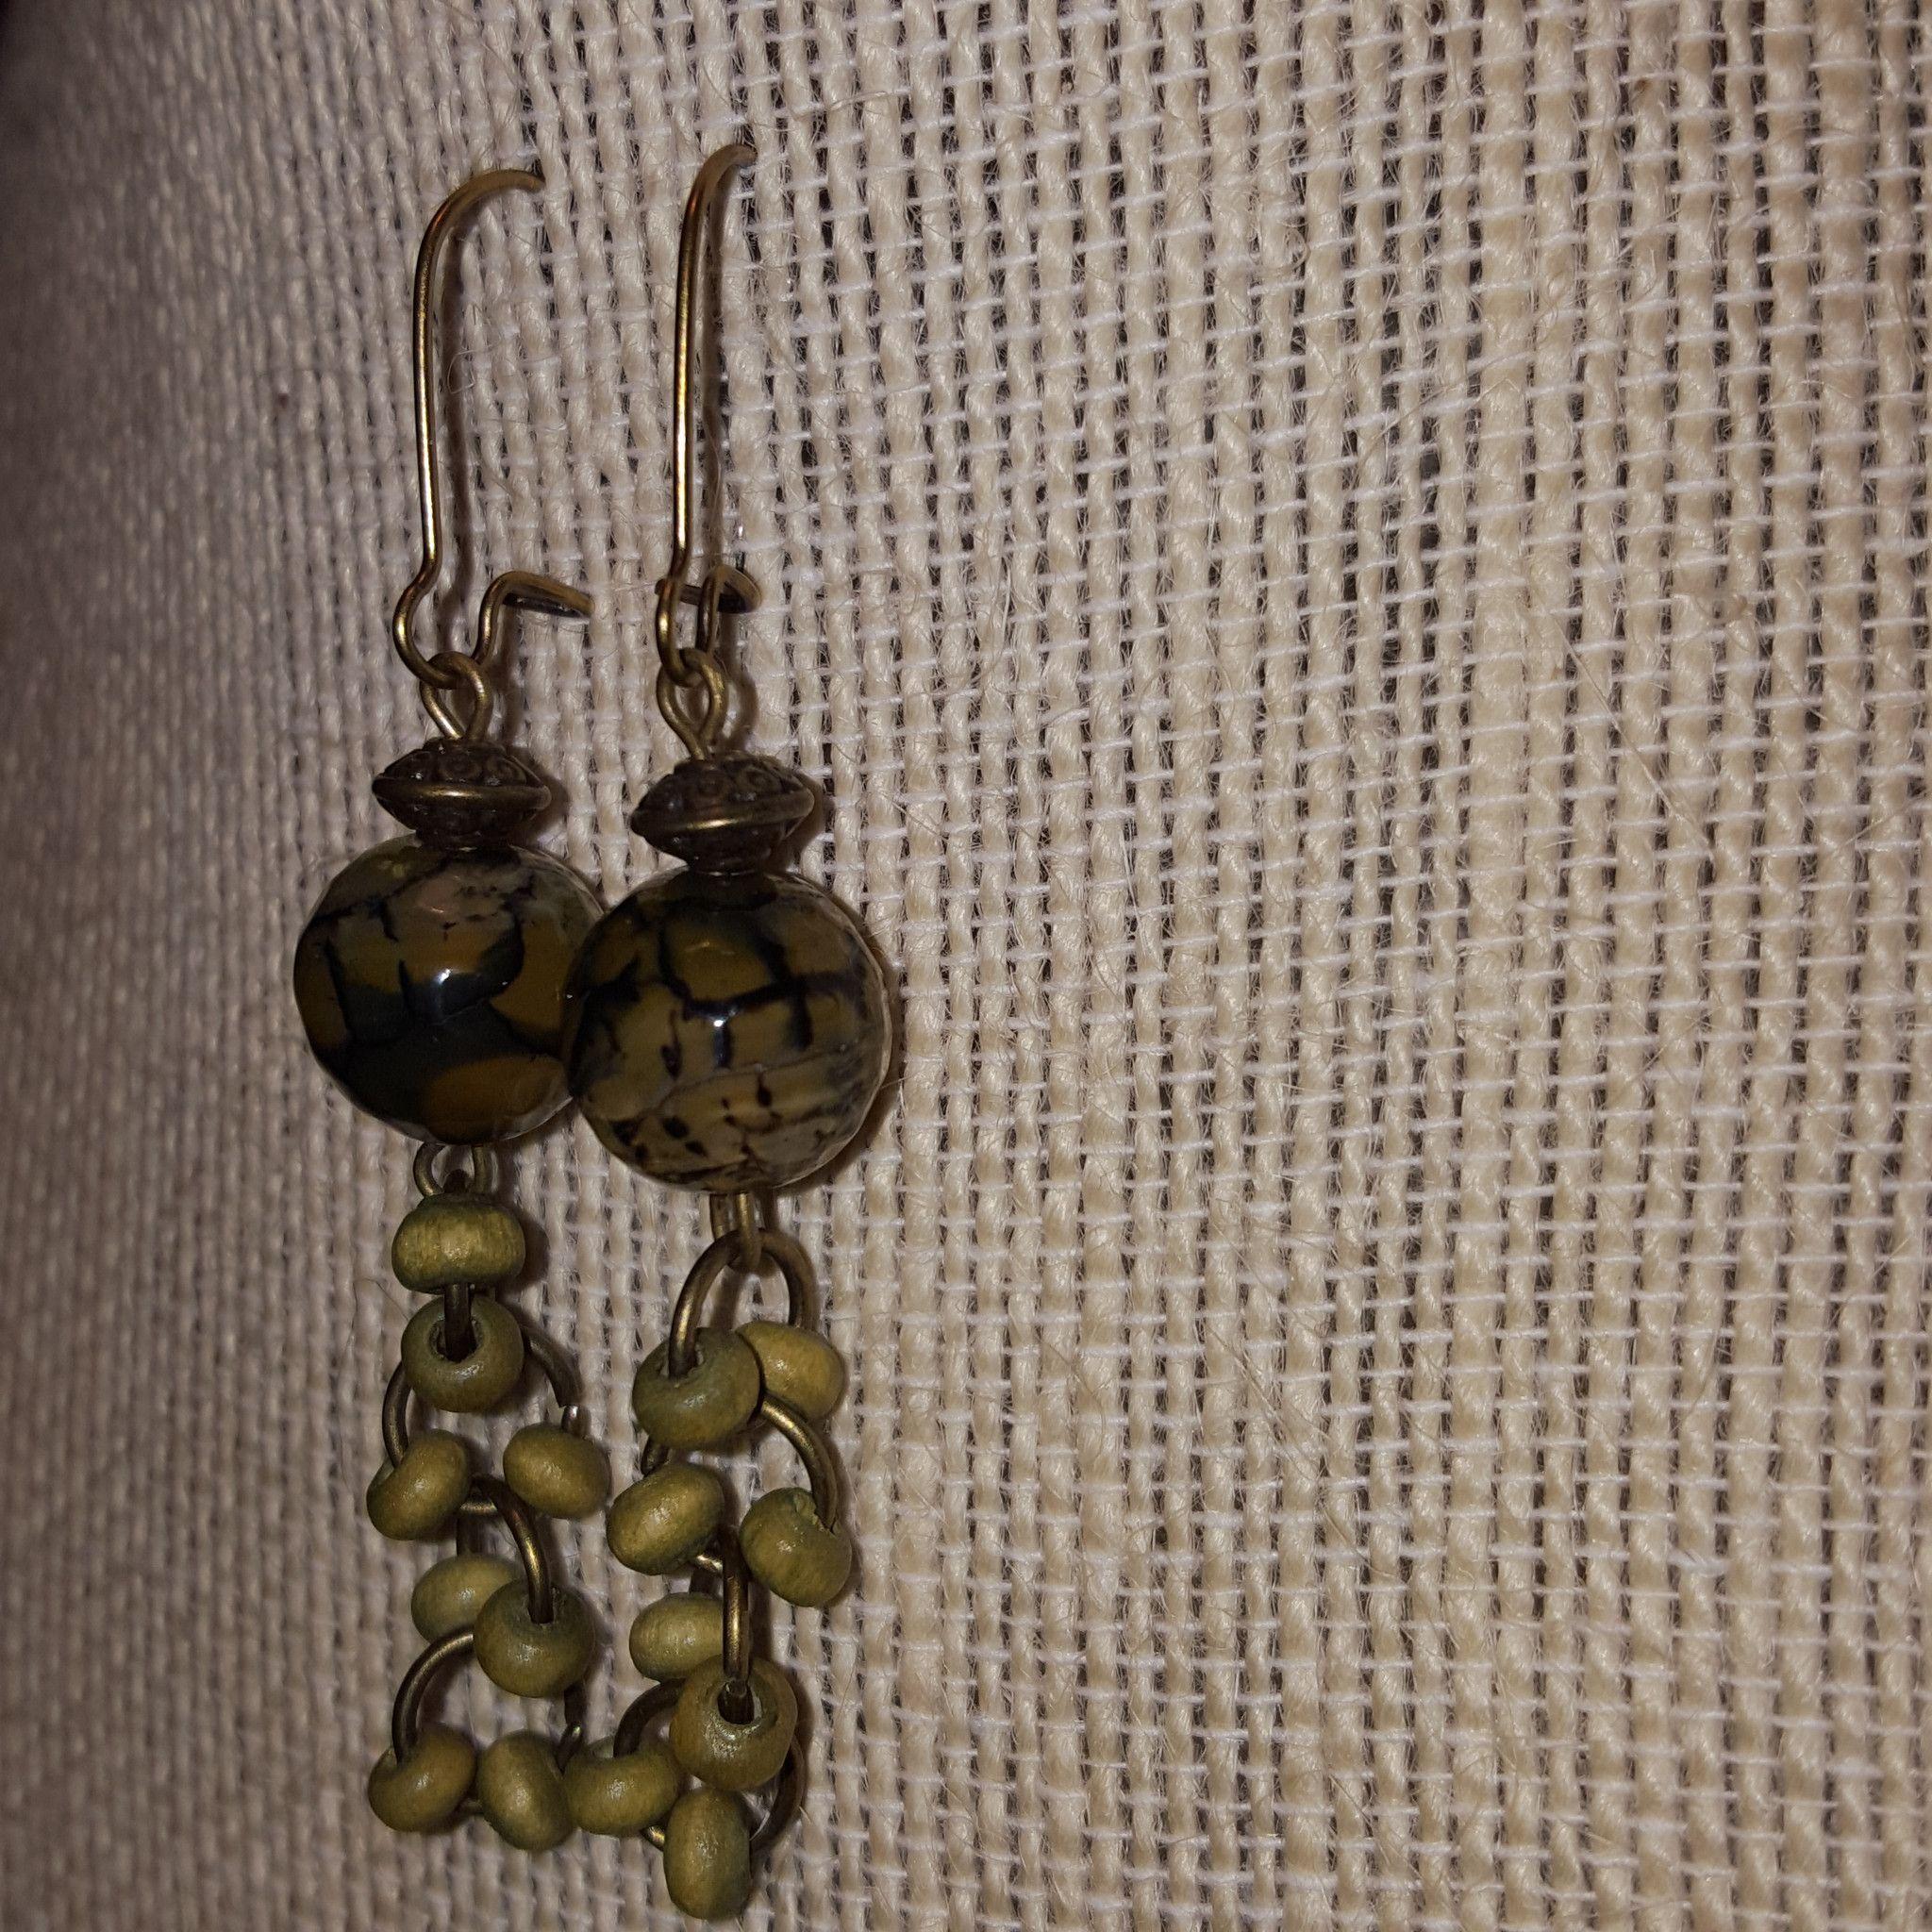 Green agate and wood bead earrings